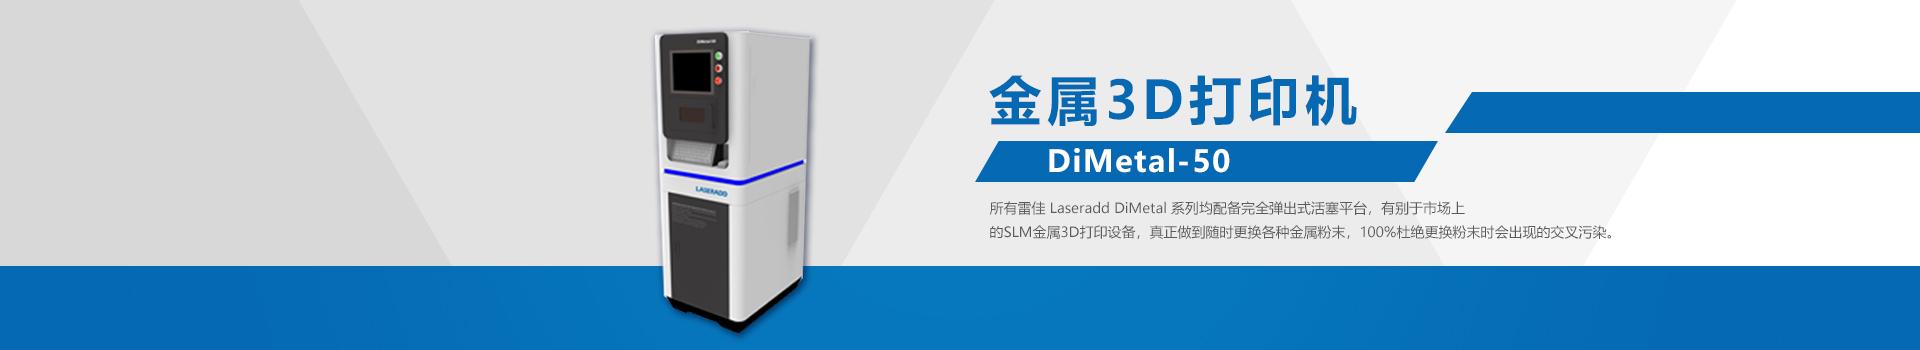 DiMetal-50 金属3D打印机